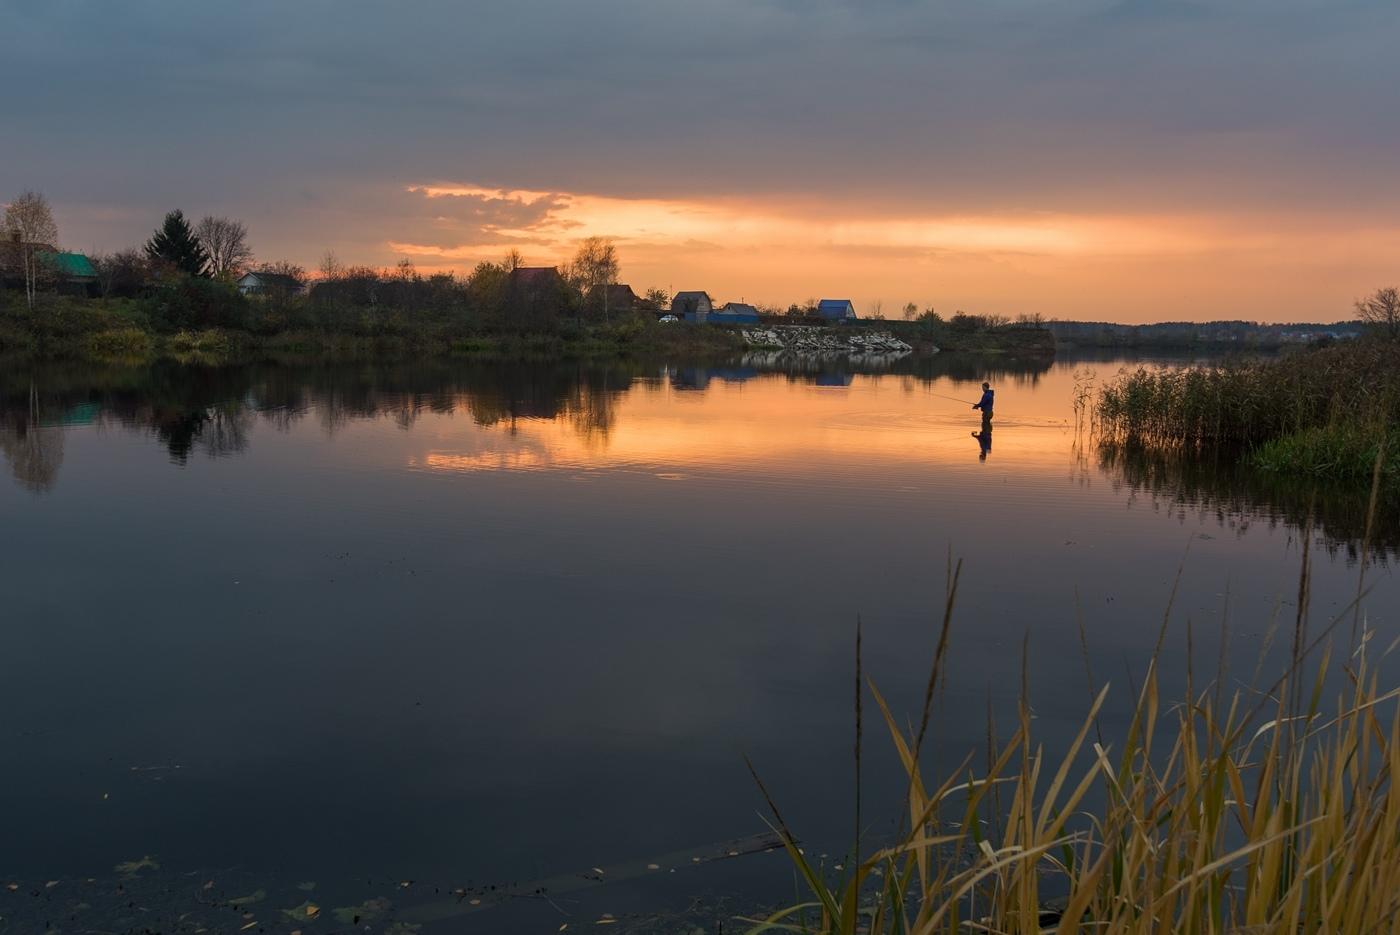 Закатный осенний вечер.Залив на ратминской дороге.На реке